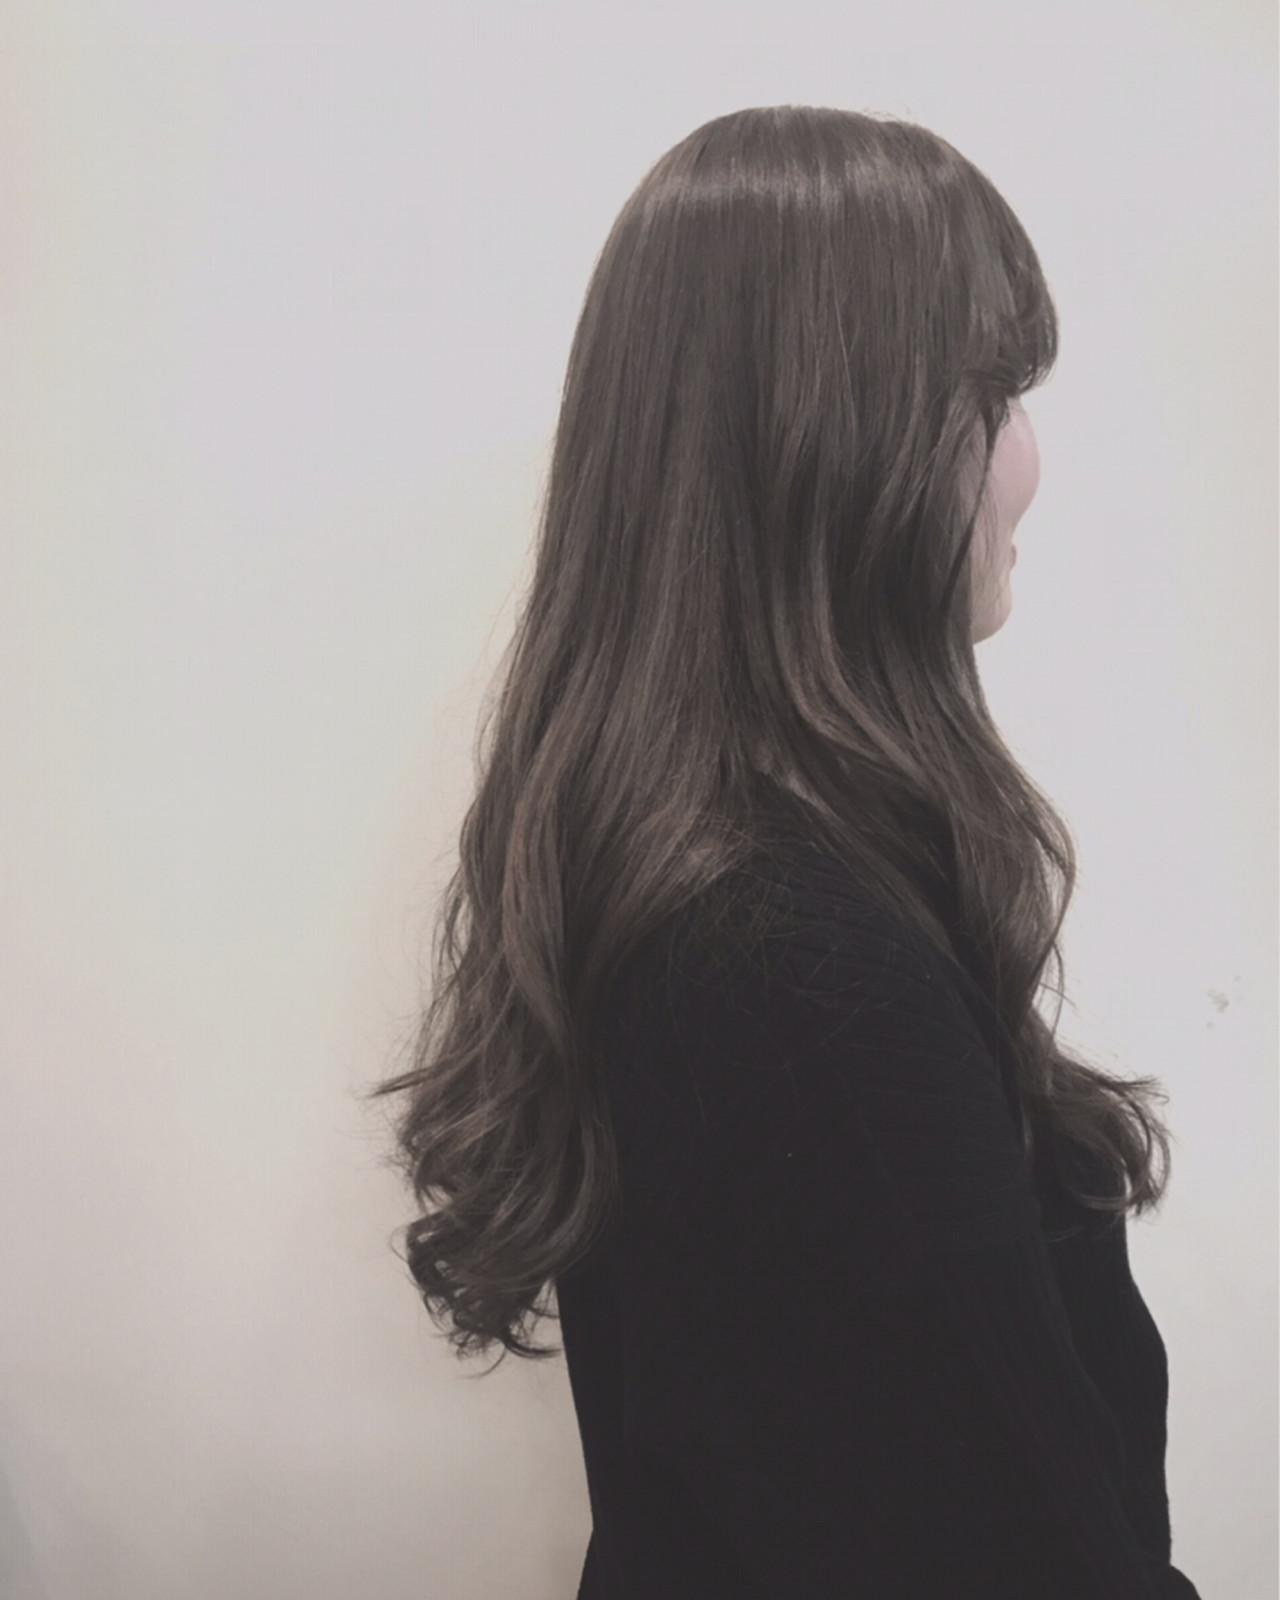 ロング 外国人風カラー 韓国ヘア グレージュ ヘアスタイルや髪型の写真・画像